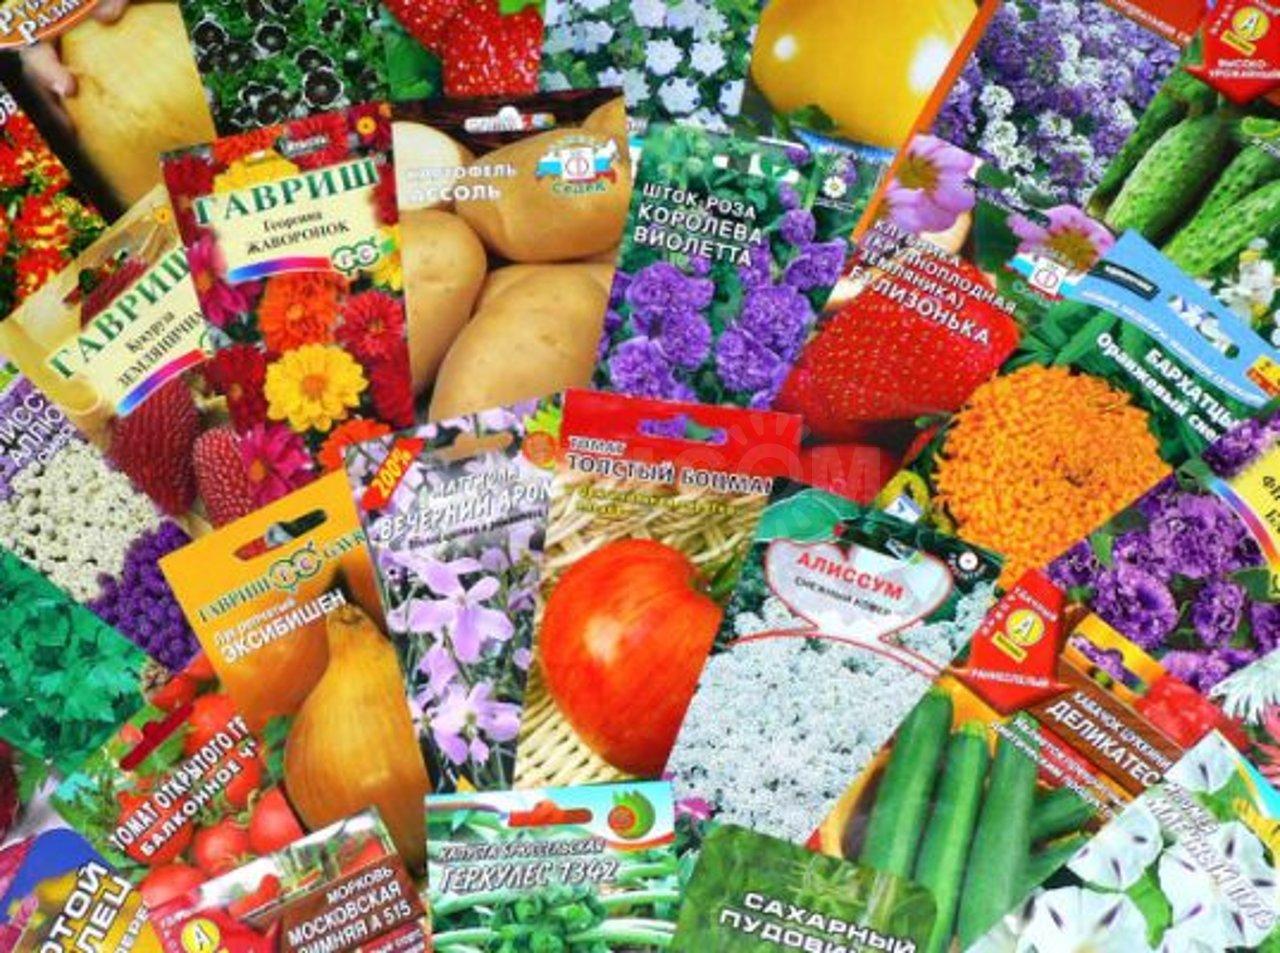 Семена покупаю не по фотографии